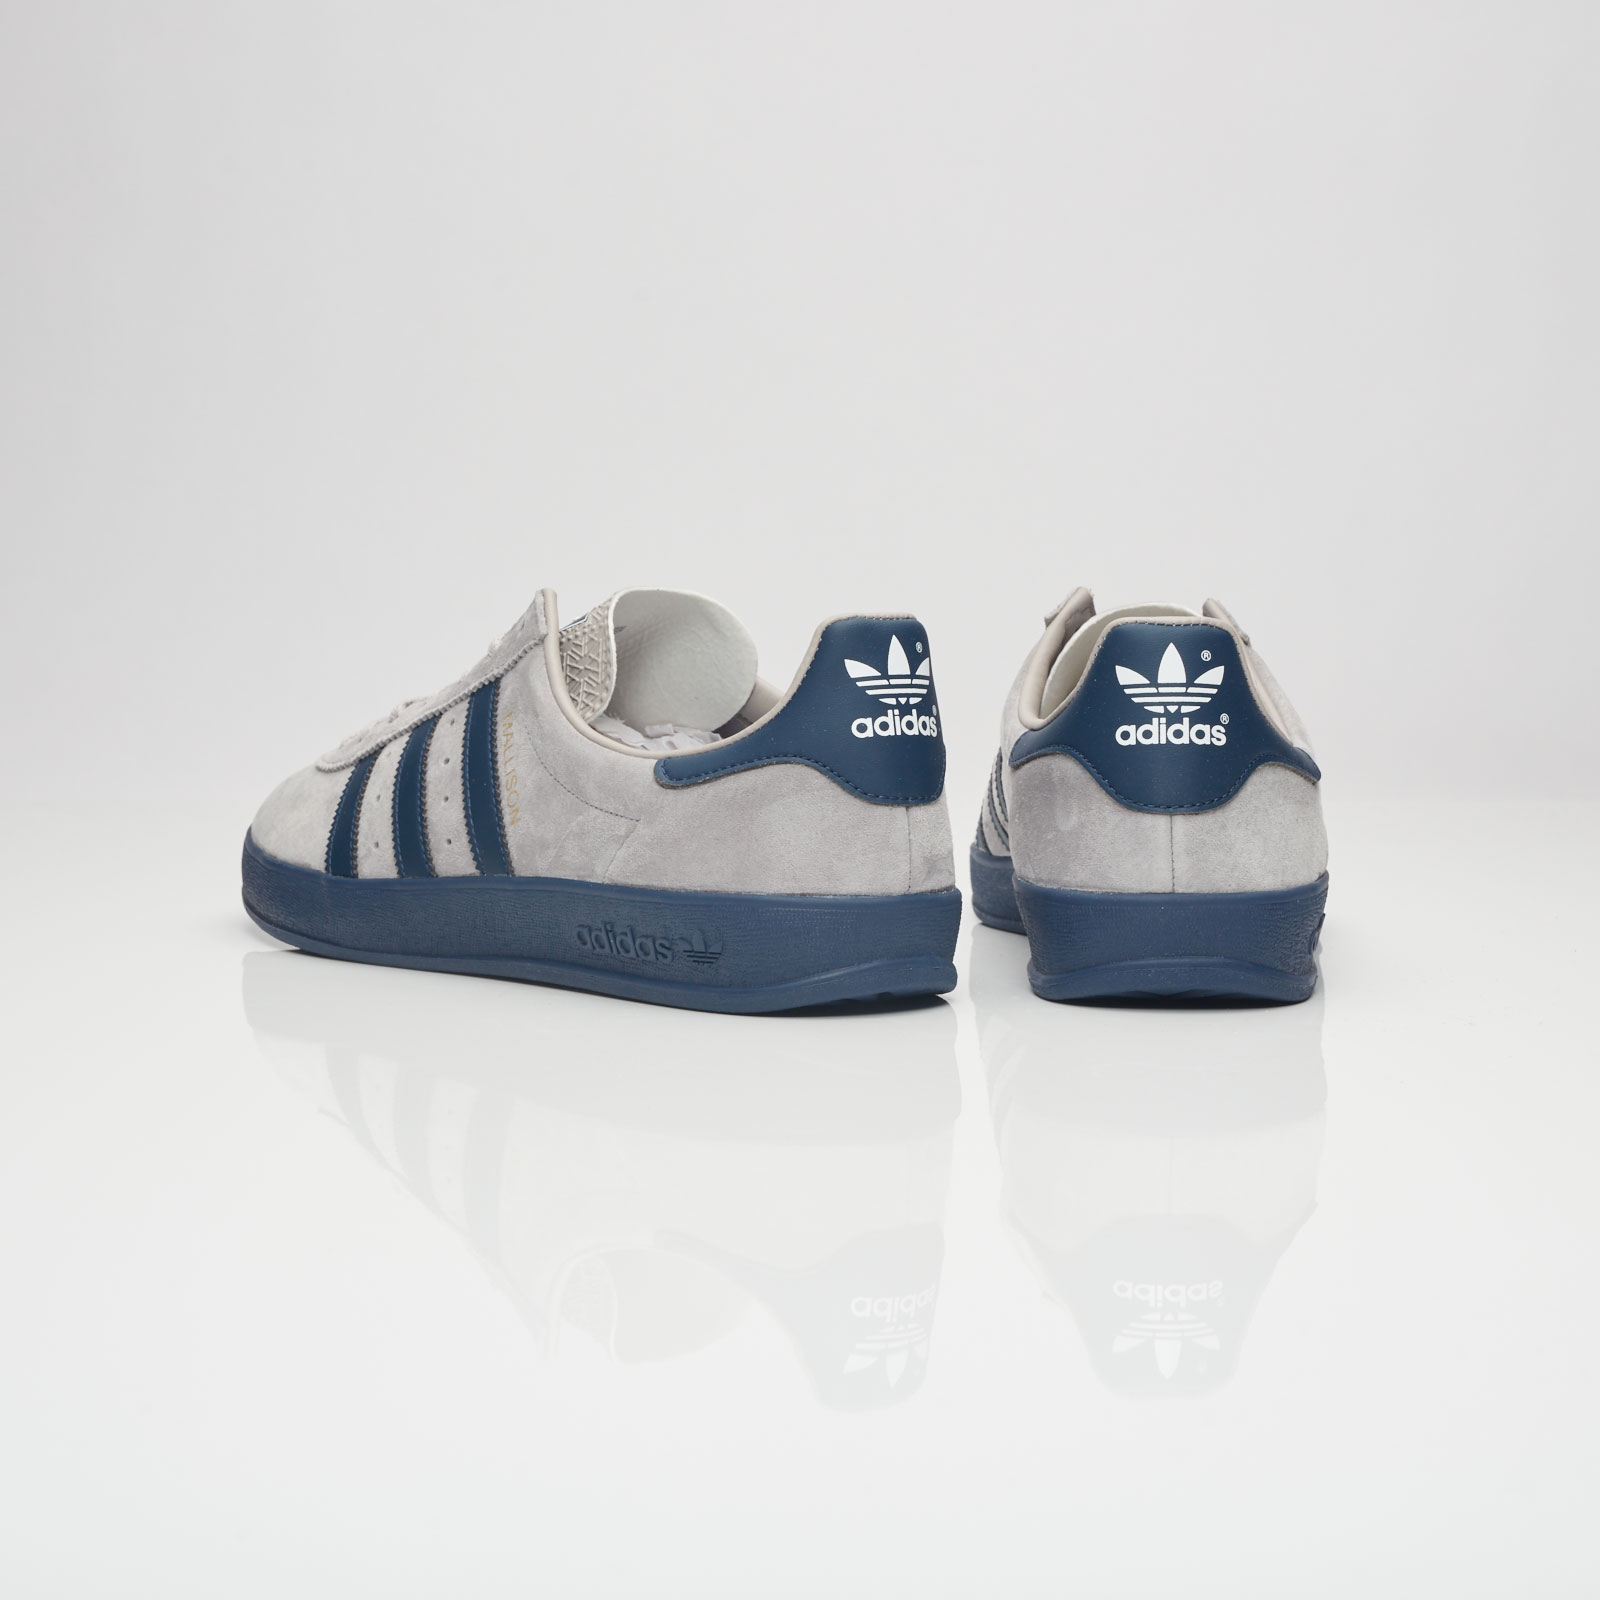 2de6d1a1b2 adidas Mallison - Ba7721 - Sneakersnstuff I Sneakers & Streetwear online  seit 1999